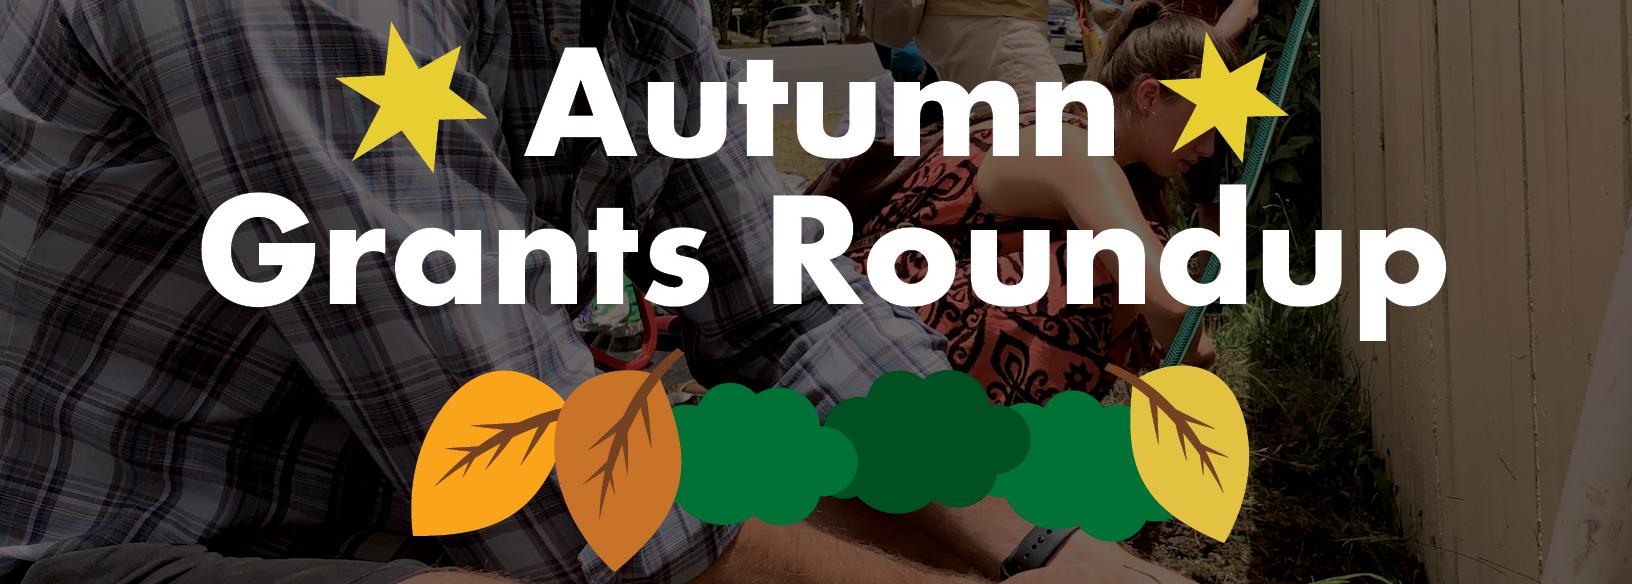 summer grants roundup